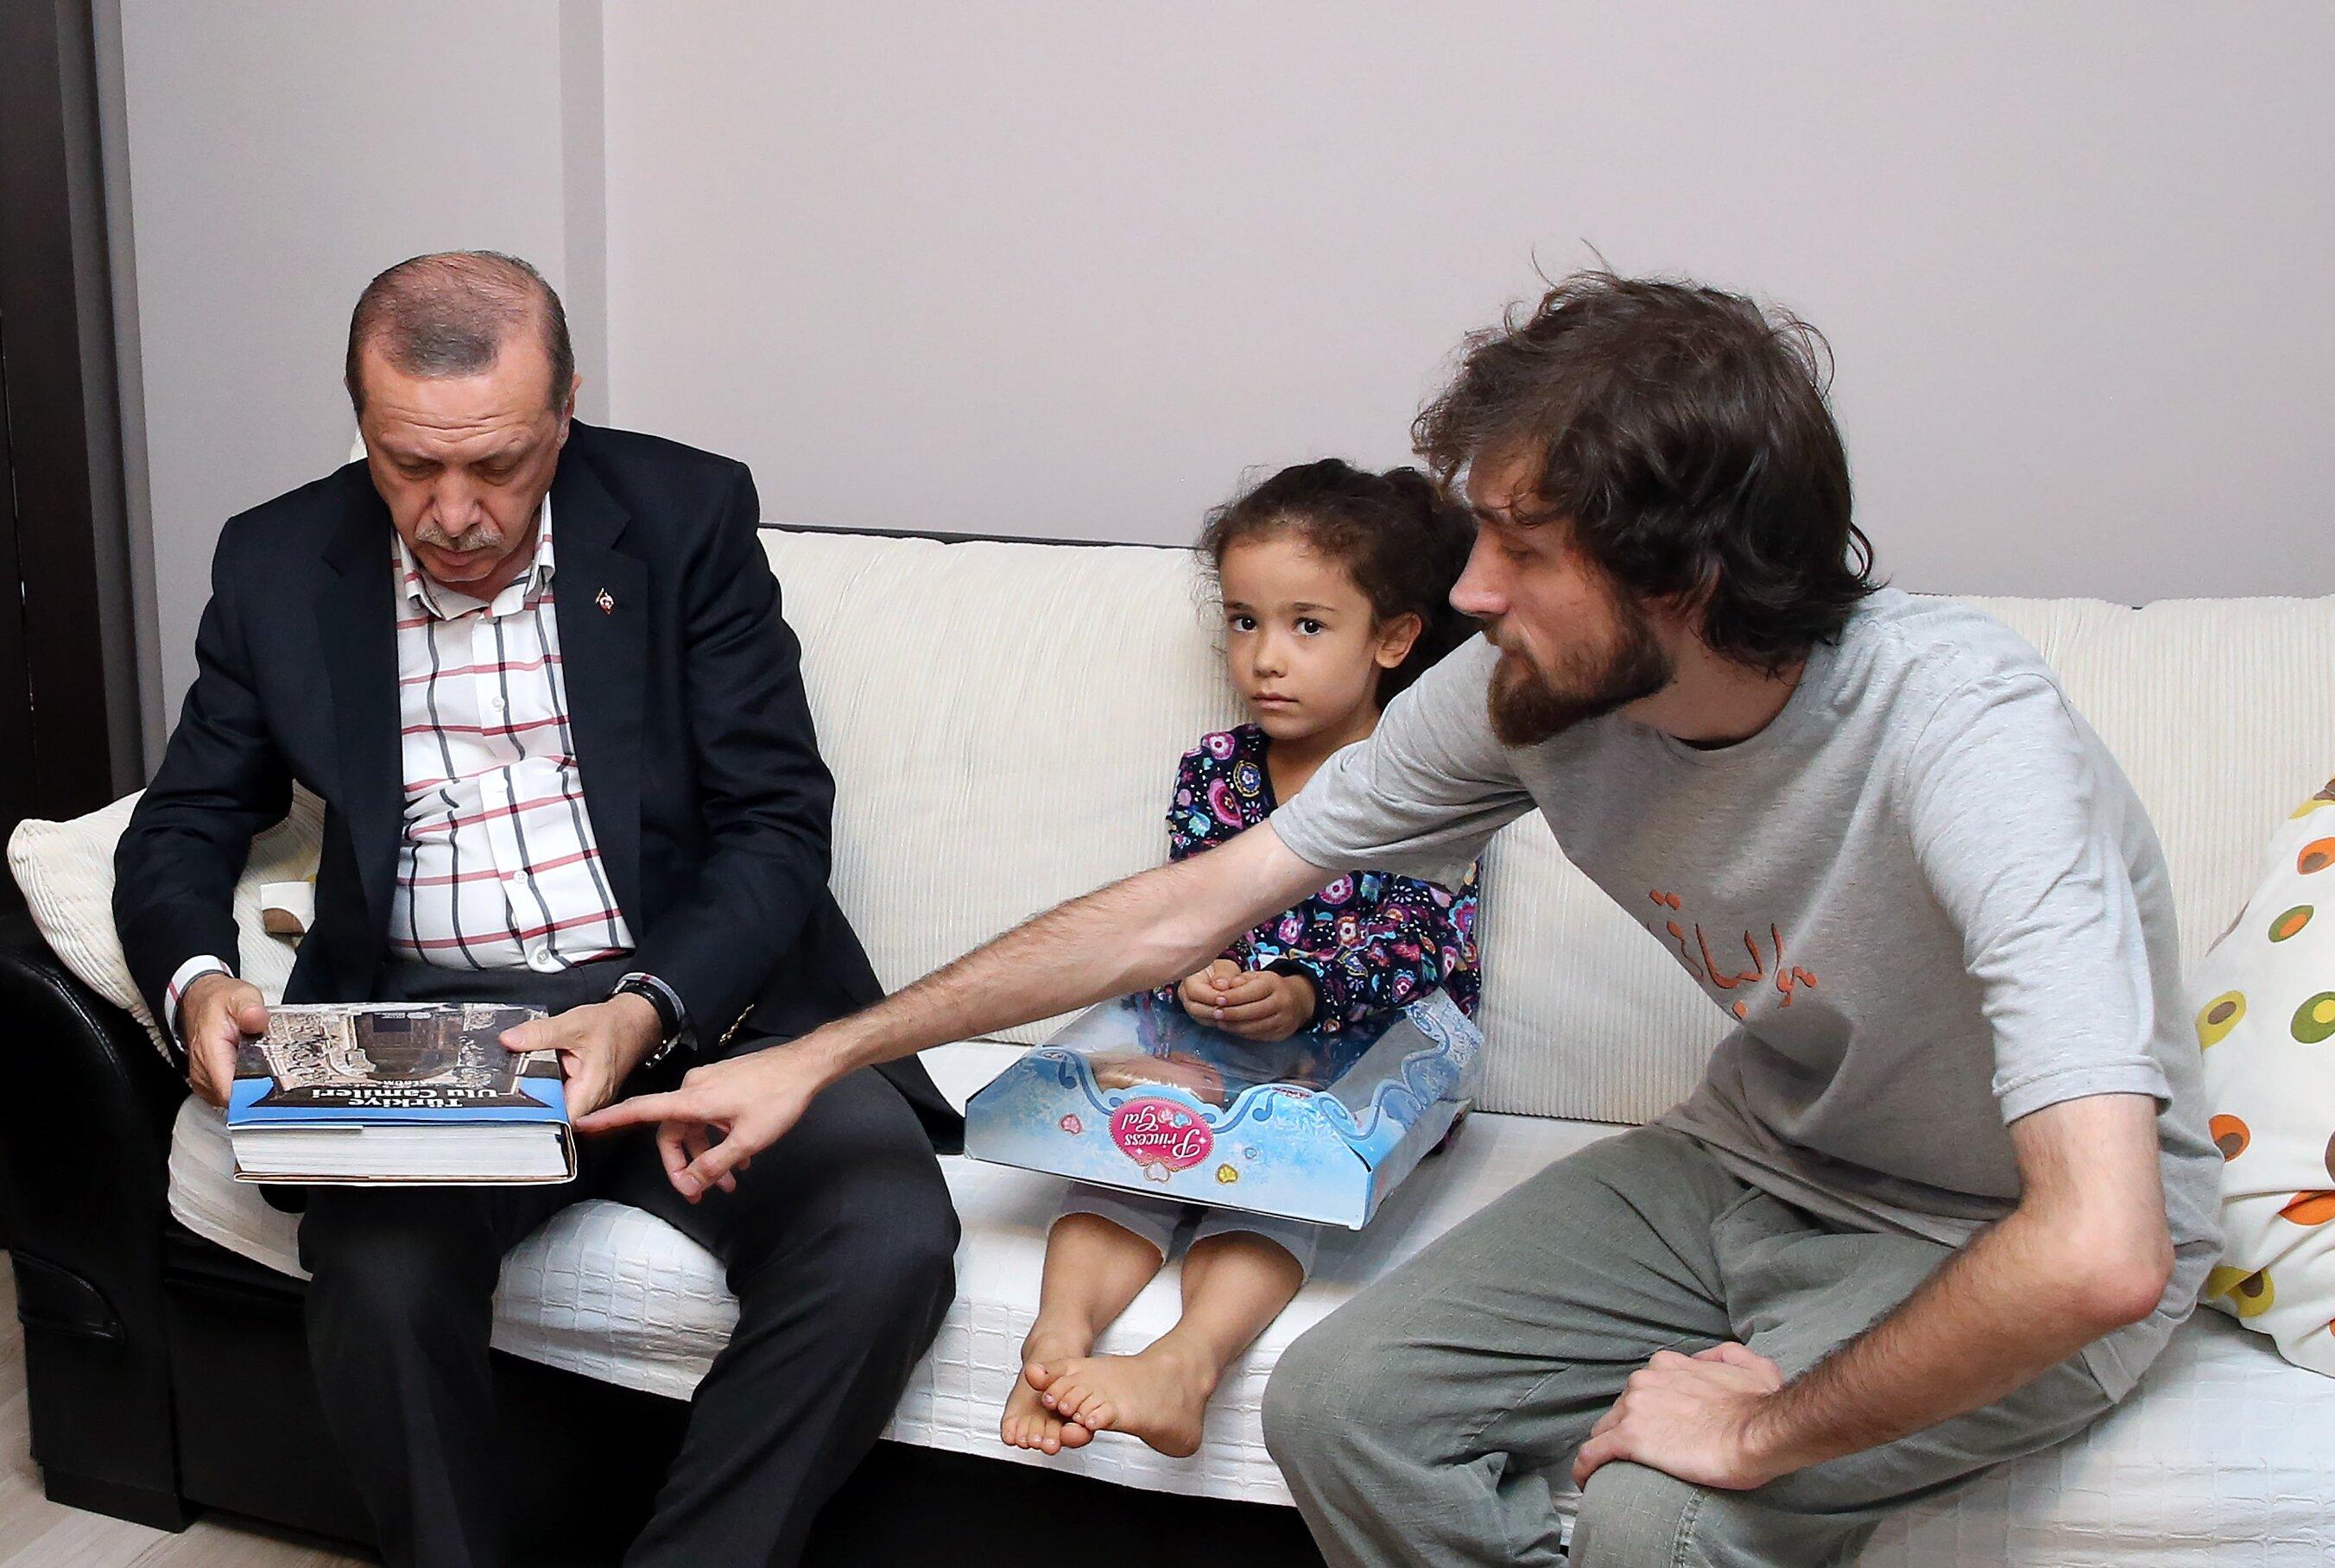 Şehit Mustafa Cambaz'ın oğlu Alparslan Cambaz da babasının 'Türkiye Ulu Camileri' kitabı hakkında Cumhurbaşkanı Erdoğan'a bilgi verdi.